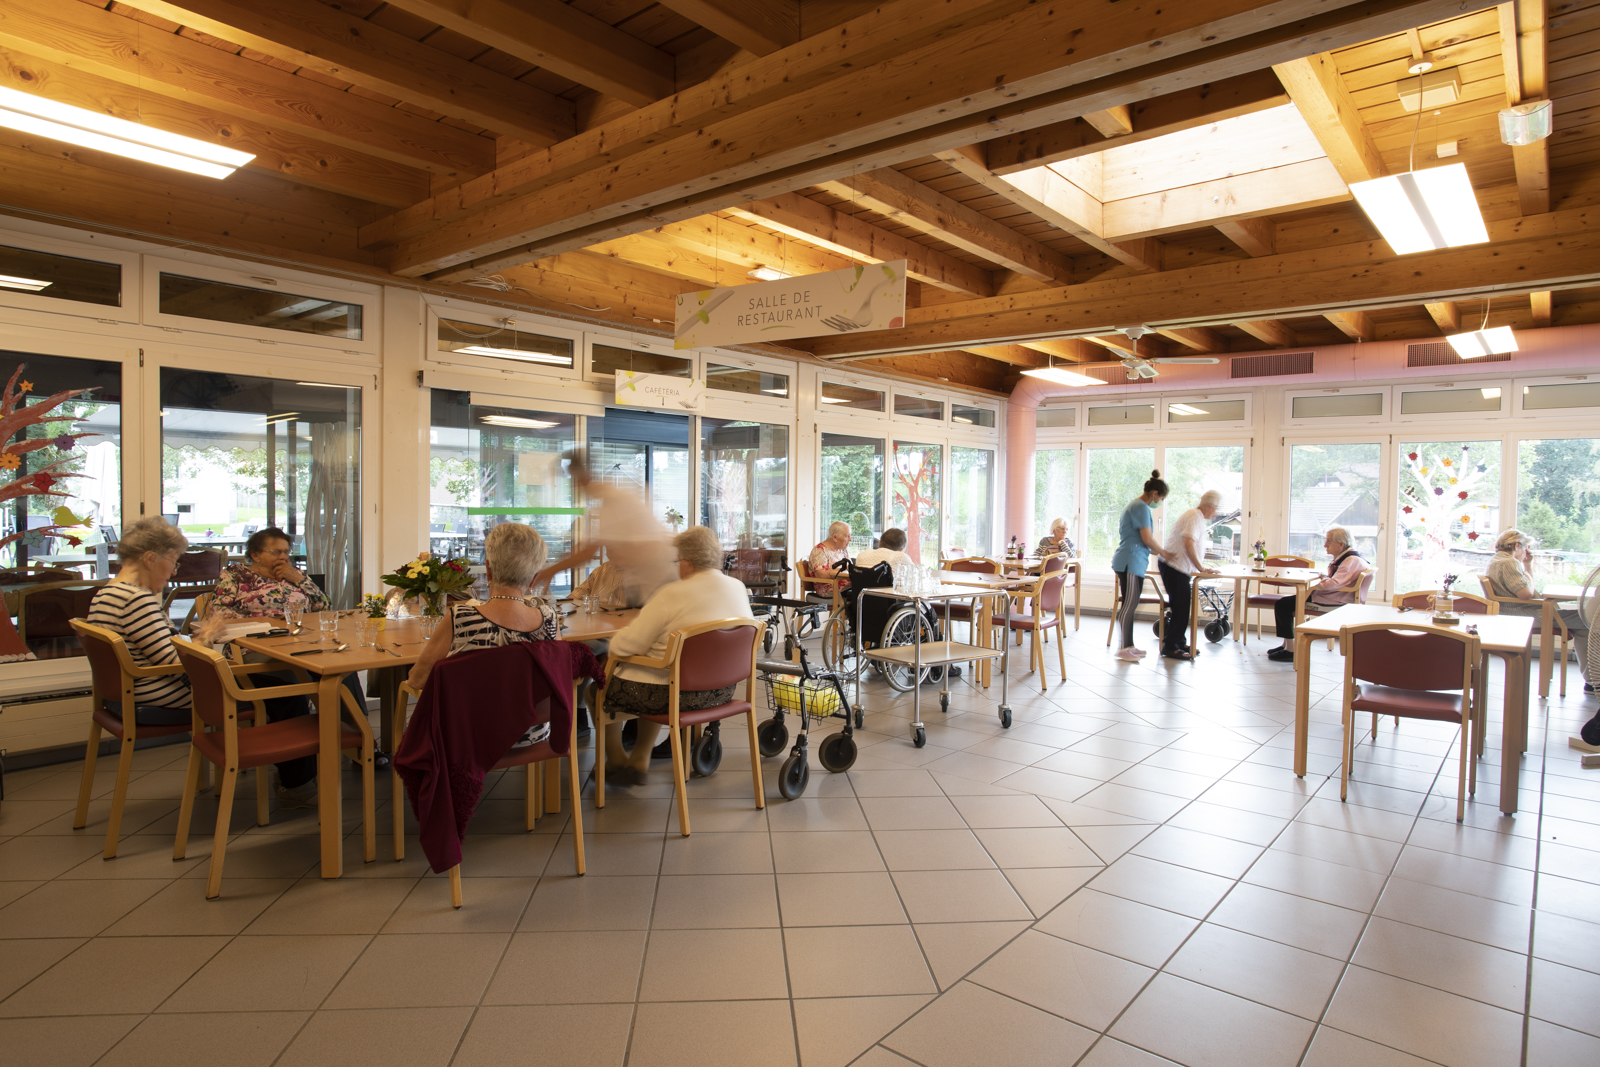 Salle de restaurant de la Résidence La Courtine avant le repas